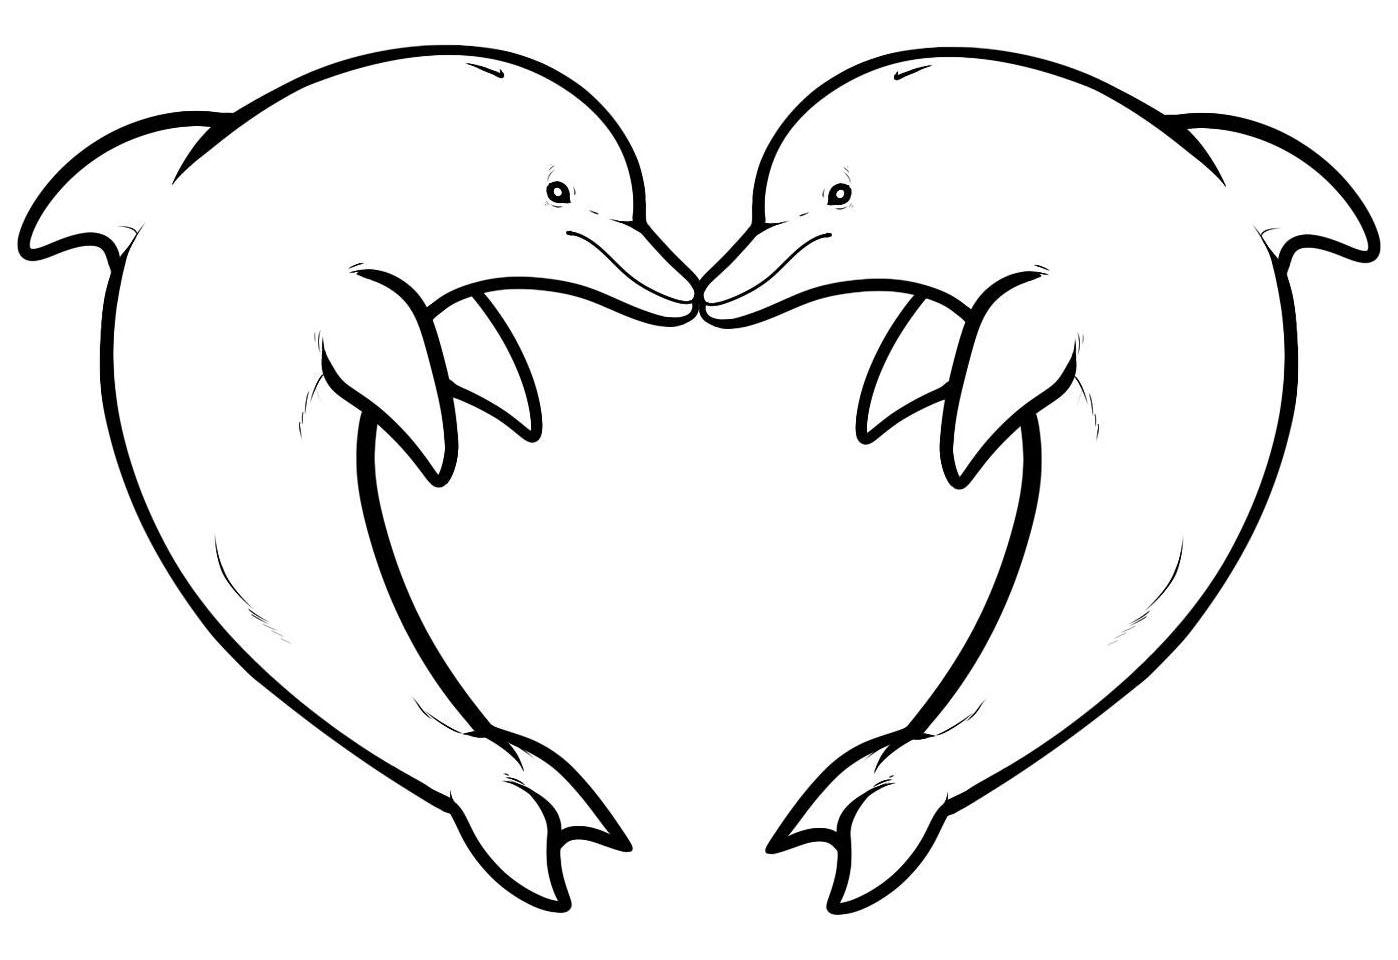 Dauphins 10 coloriage de dauphins coloriages pour enfants - Image de coeur gratuit ...